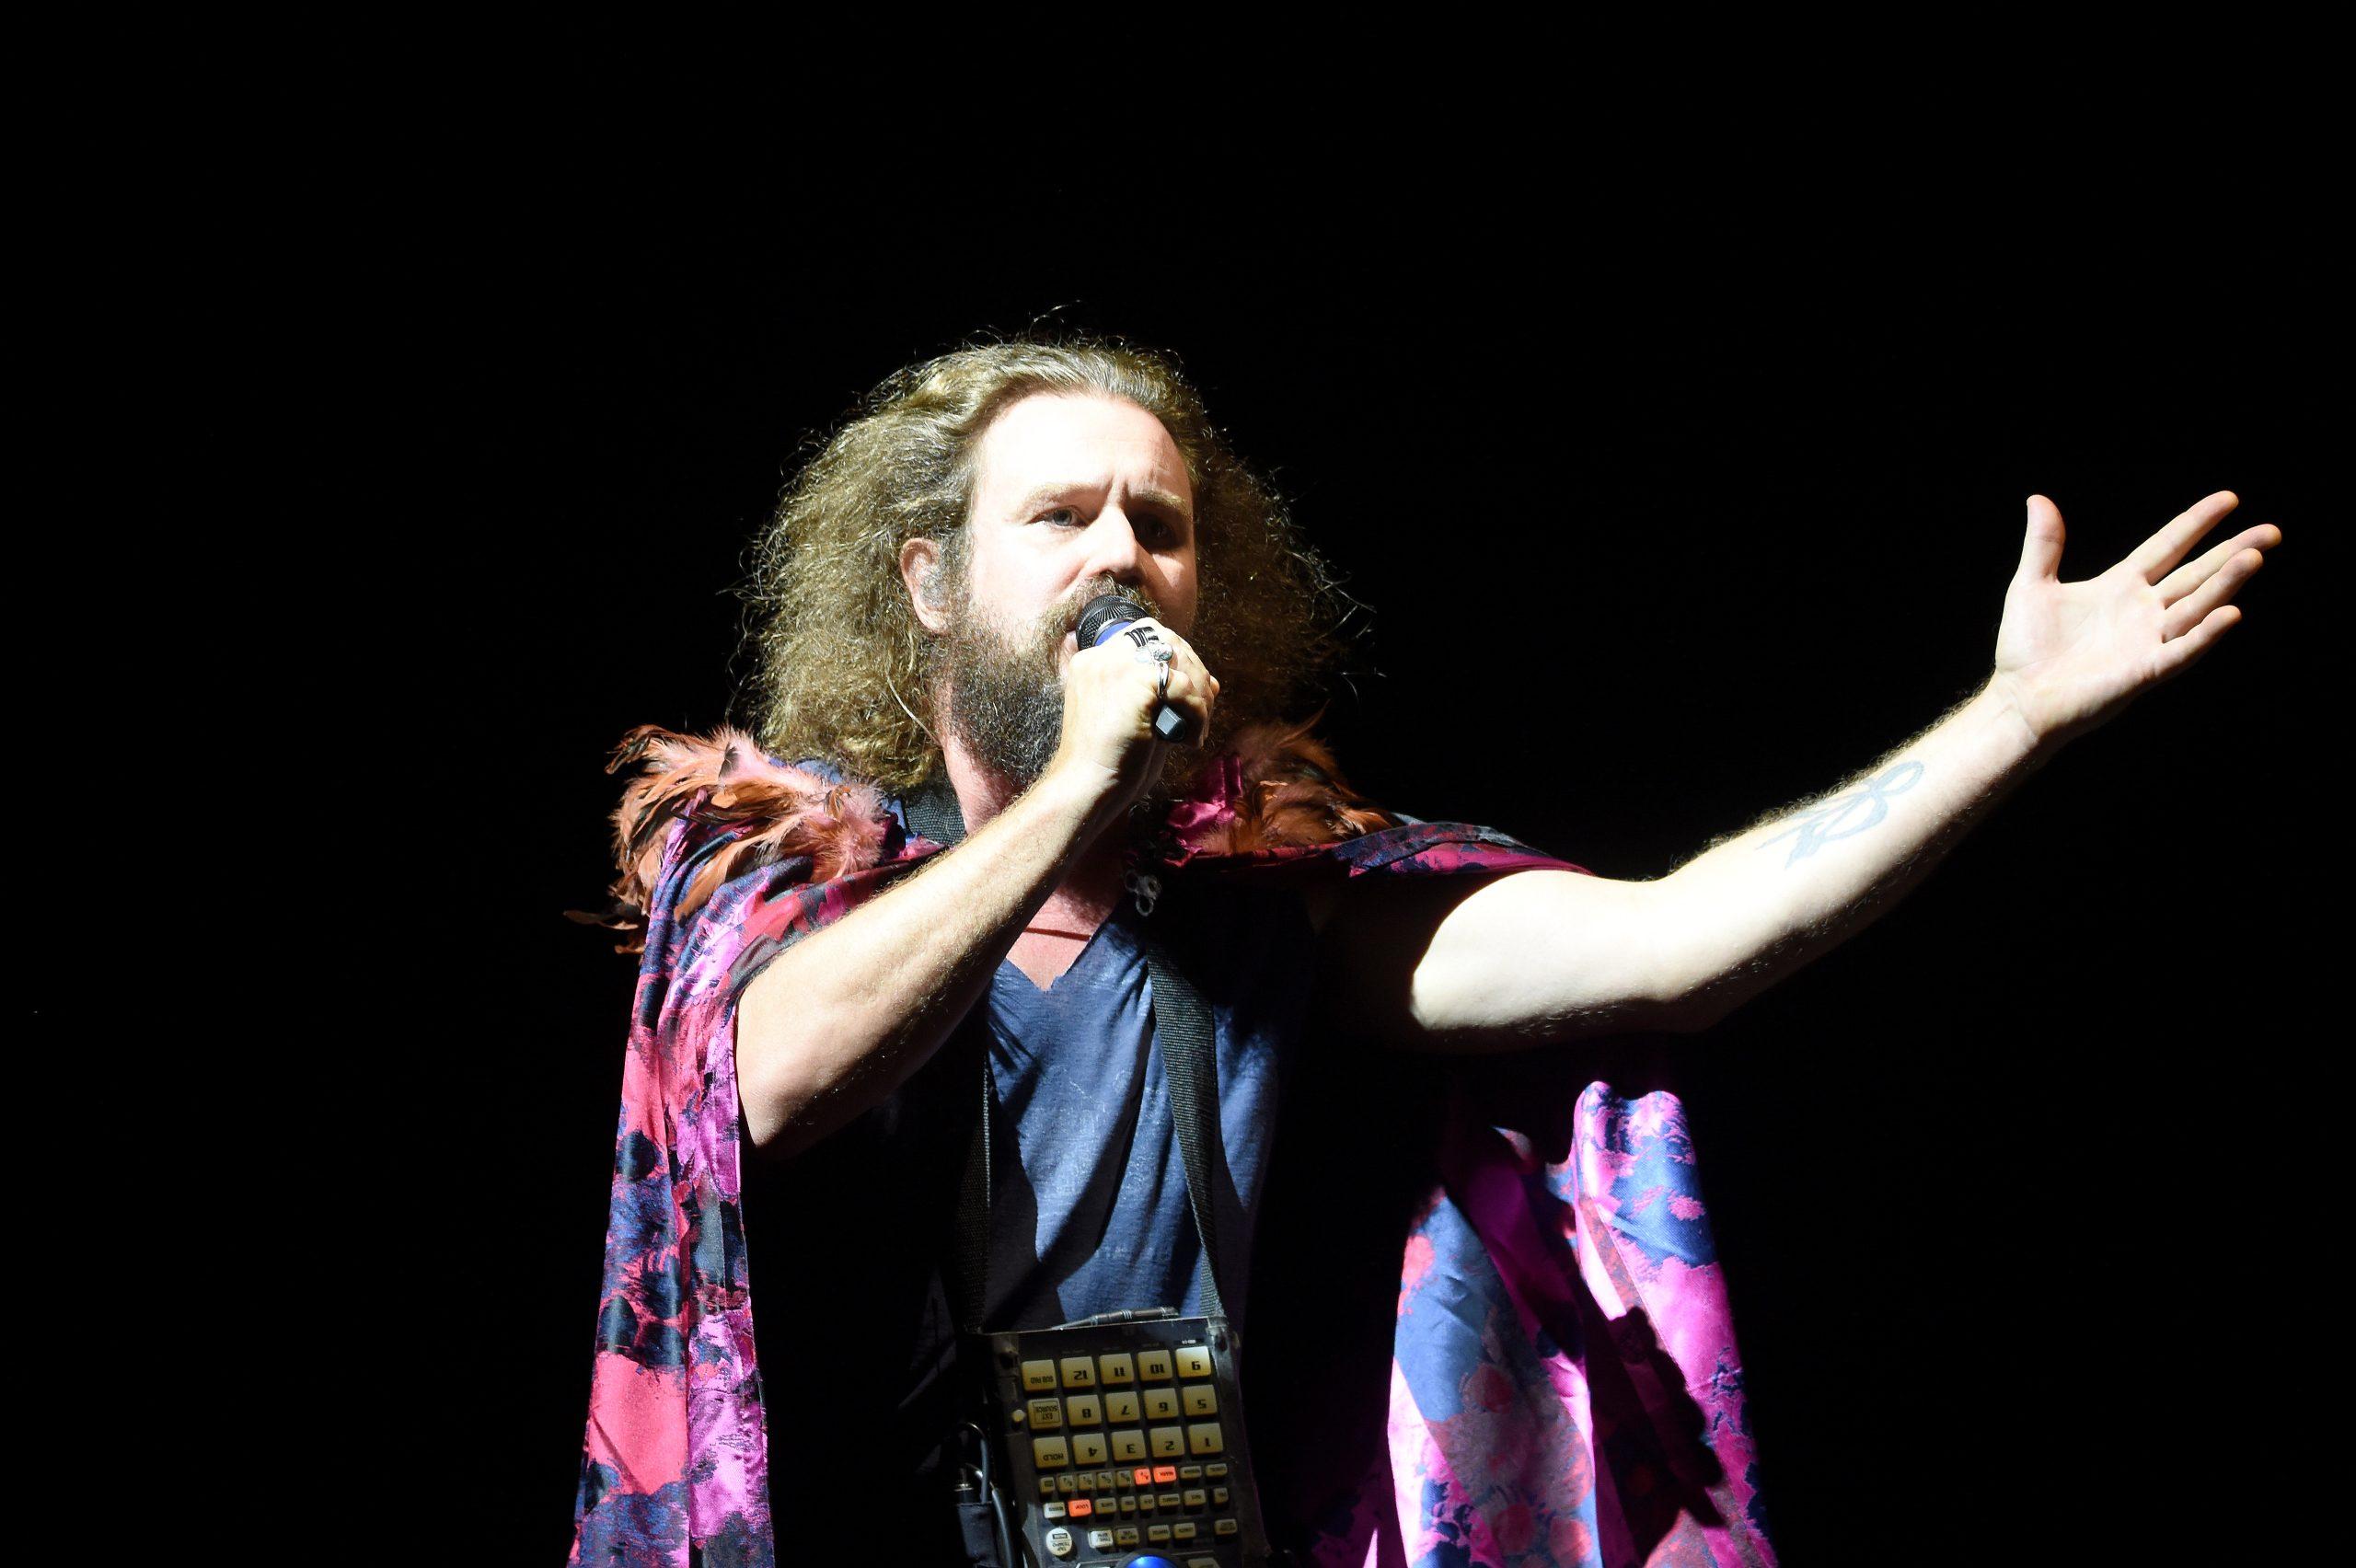 Llevar amor al mundo a través de la música: Una entrevista con My Morning Jacket